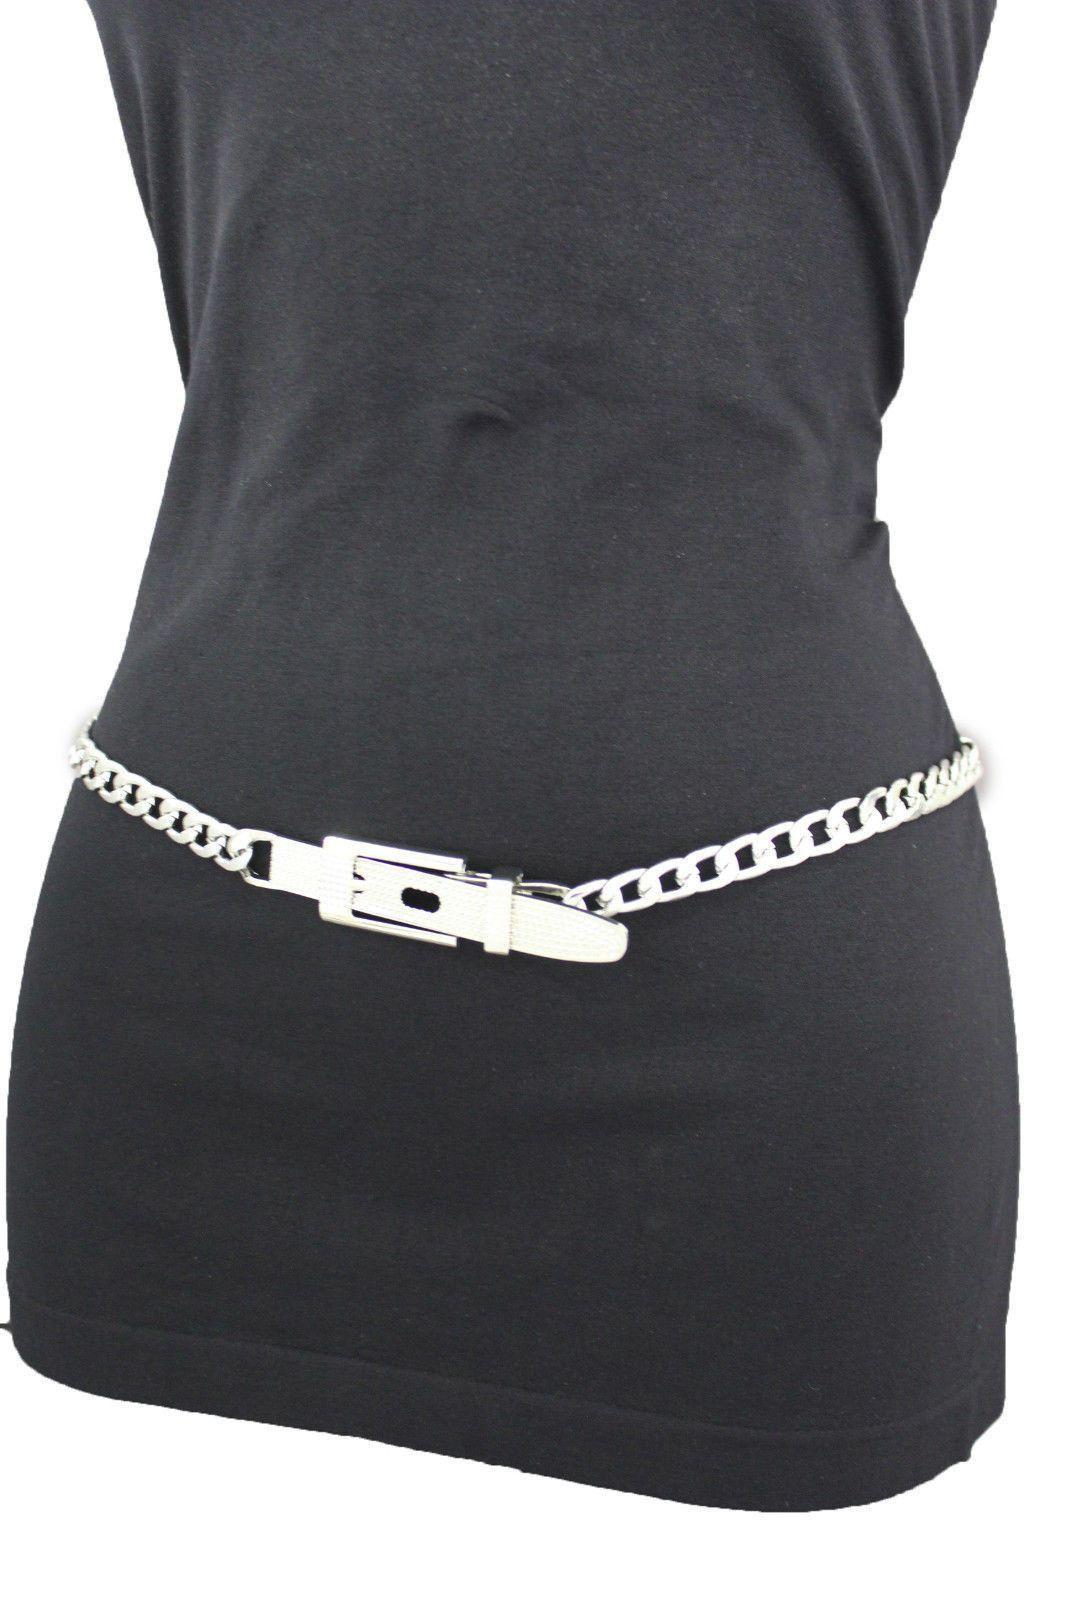 Trendy, Fashion, Classic, Unique, Chic Jewelry Accessory